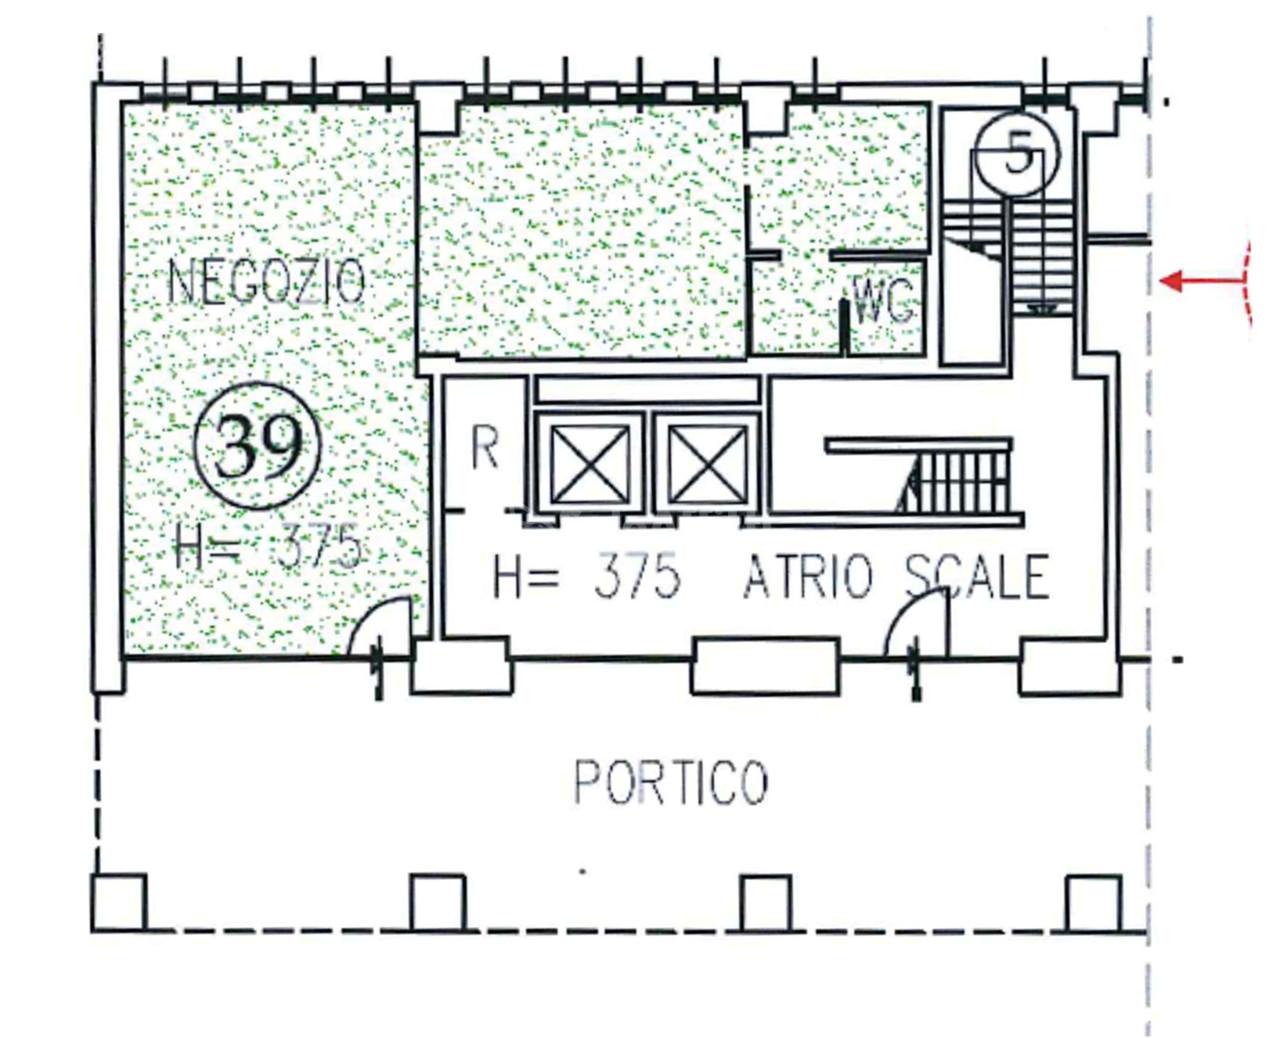 Ufficio in affitto a lecco caleotto piano terra for Affitti uso ufficio